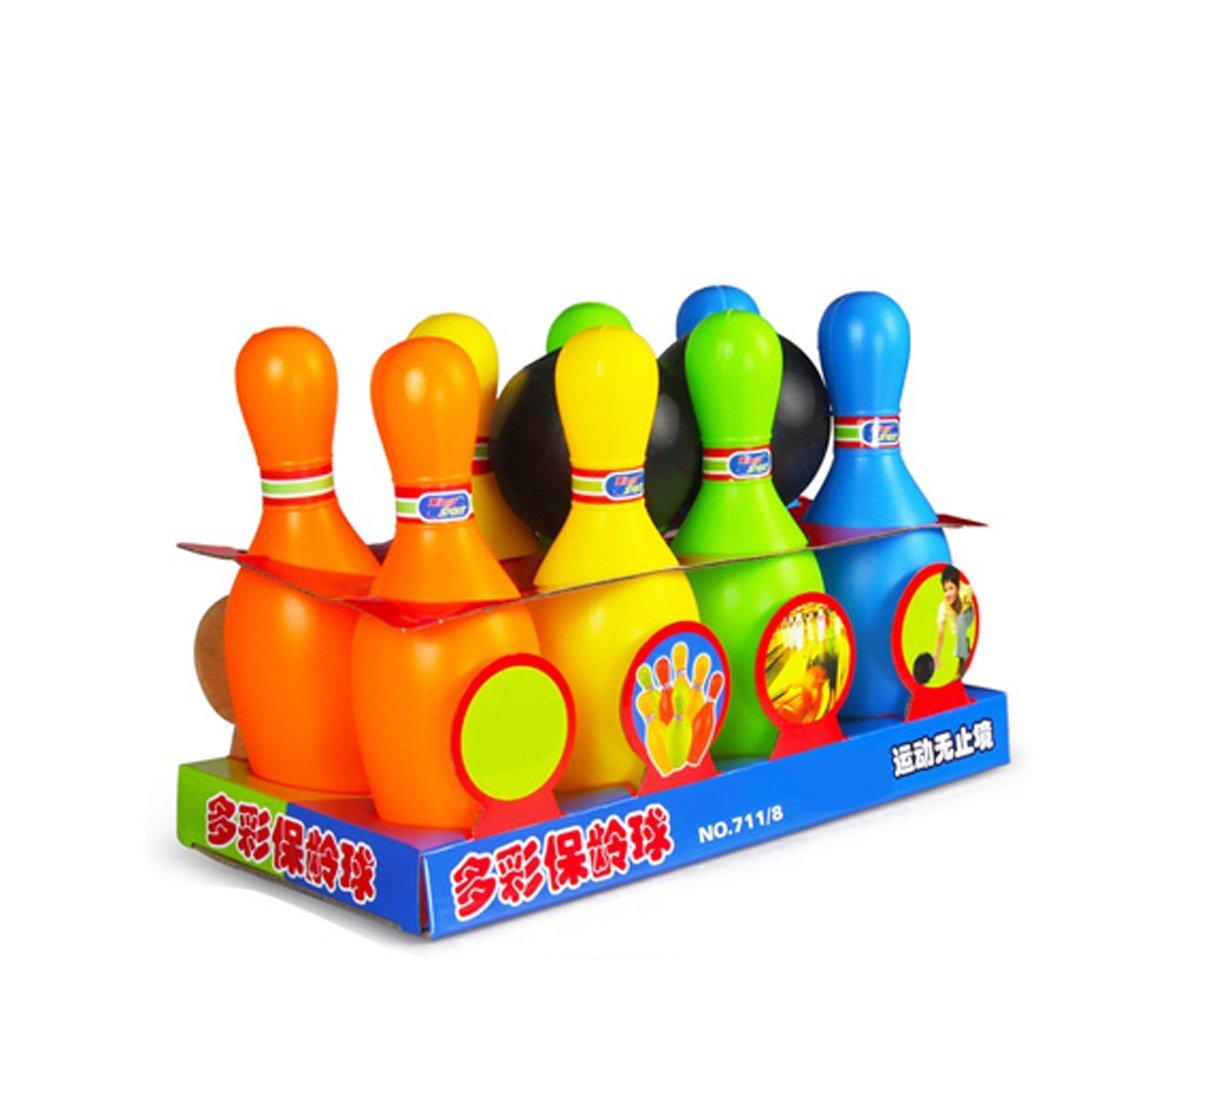 ボーリングおもちゃ子供Largeインドアとアウトドア親子相互作用ベビーボールおもちゃ2 – 3 - 5 Years Old Boy   B075371GBY